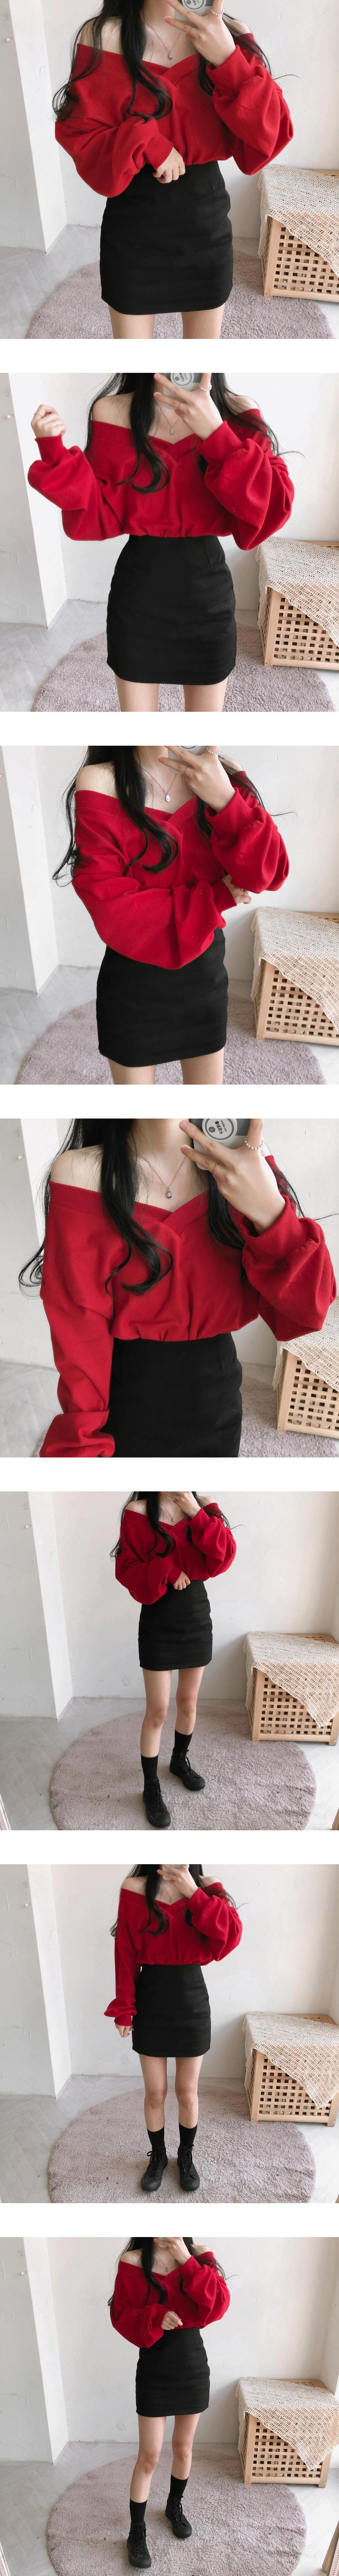 V-Neck off-shoulder Sweatshirt